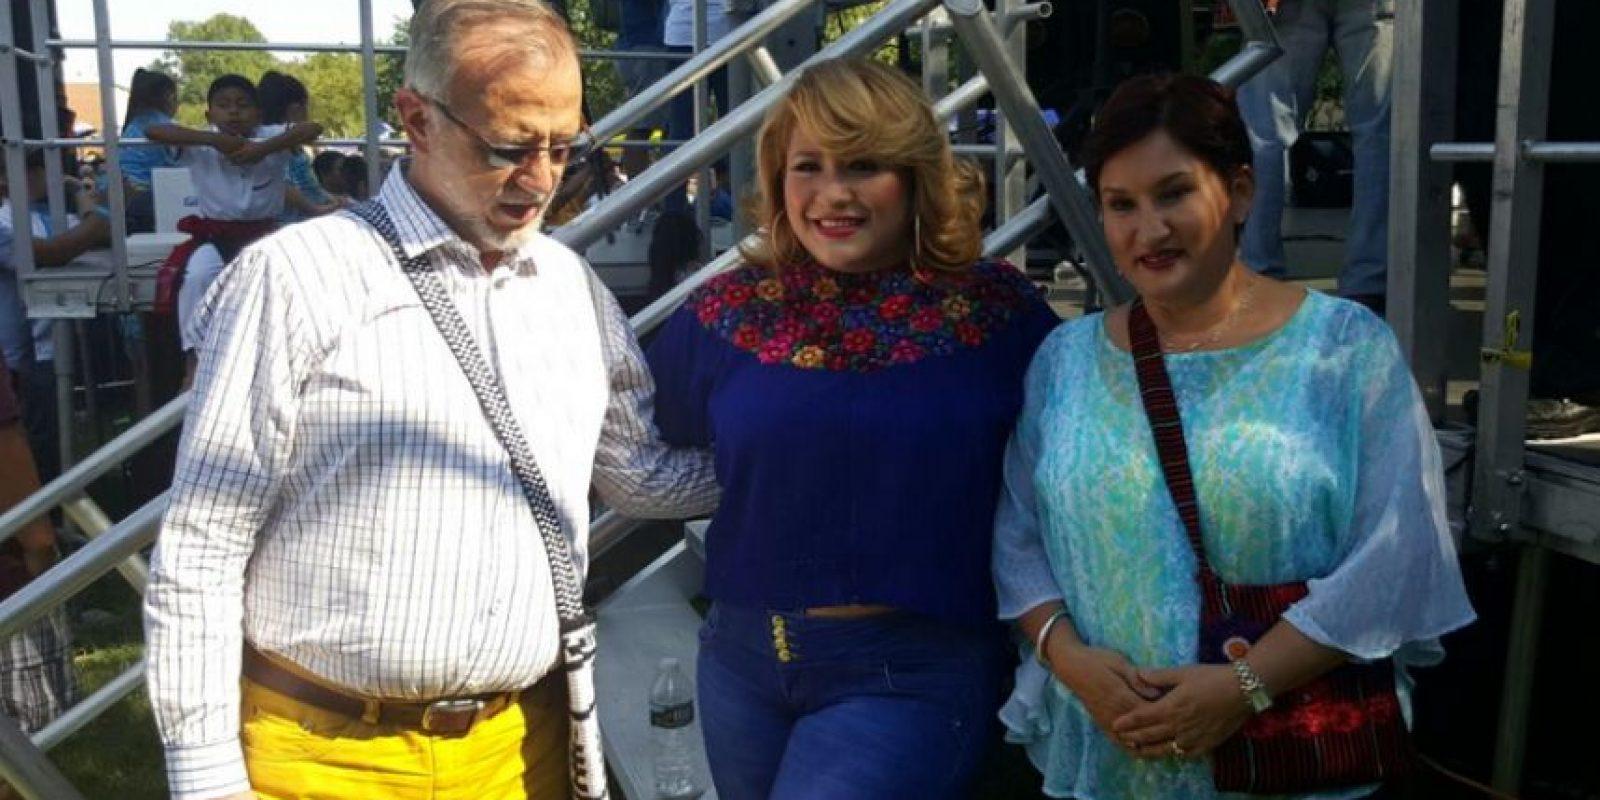 En el festival algunas personas se toman fotografías con Aldana y Velásquez Foto:MP